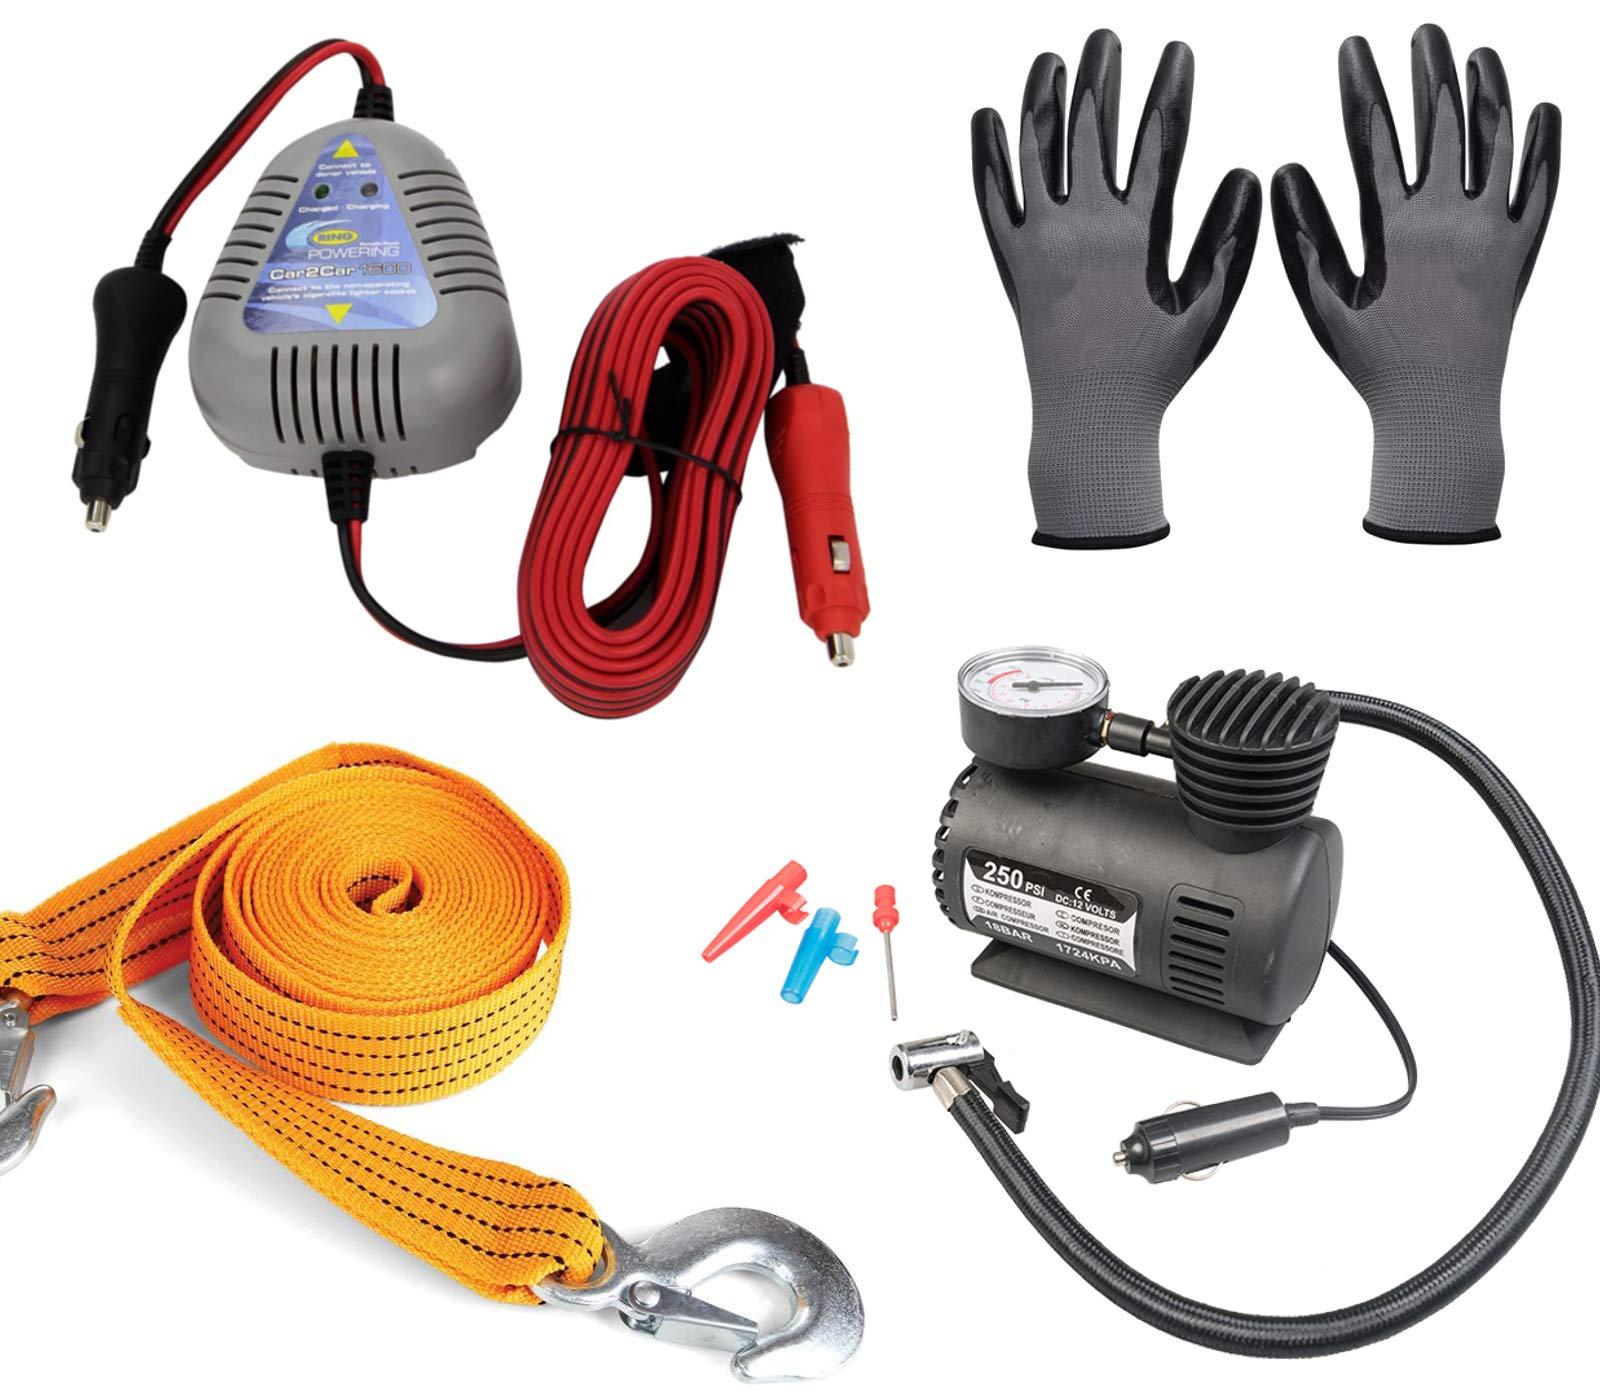 Break Down Kit – Aro de Arranque de Coche a Coche + Compresor de Aire + Correa de Cuerda de Remolque + Guantes de Trabajo